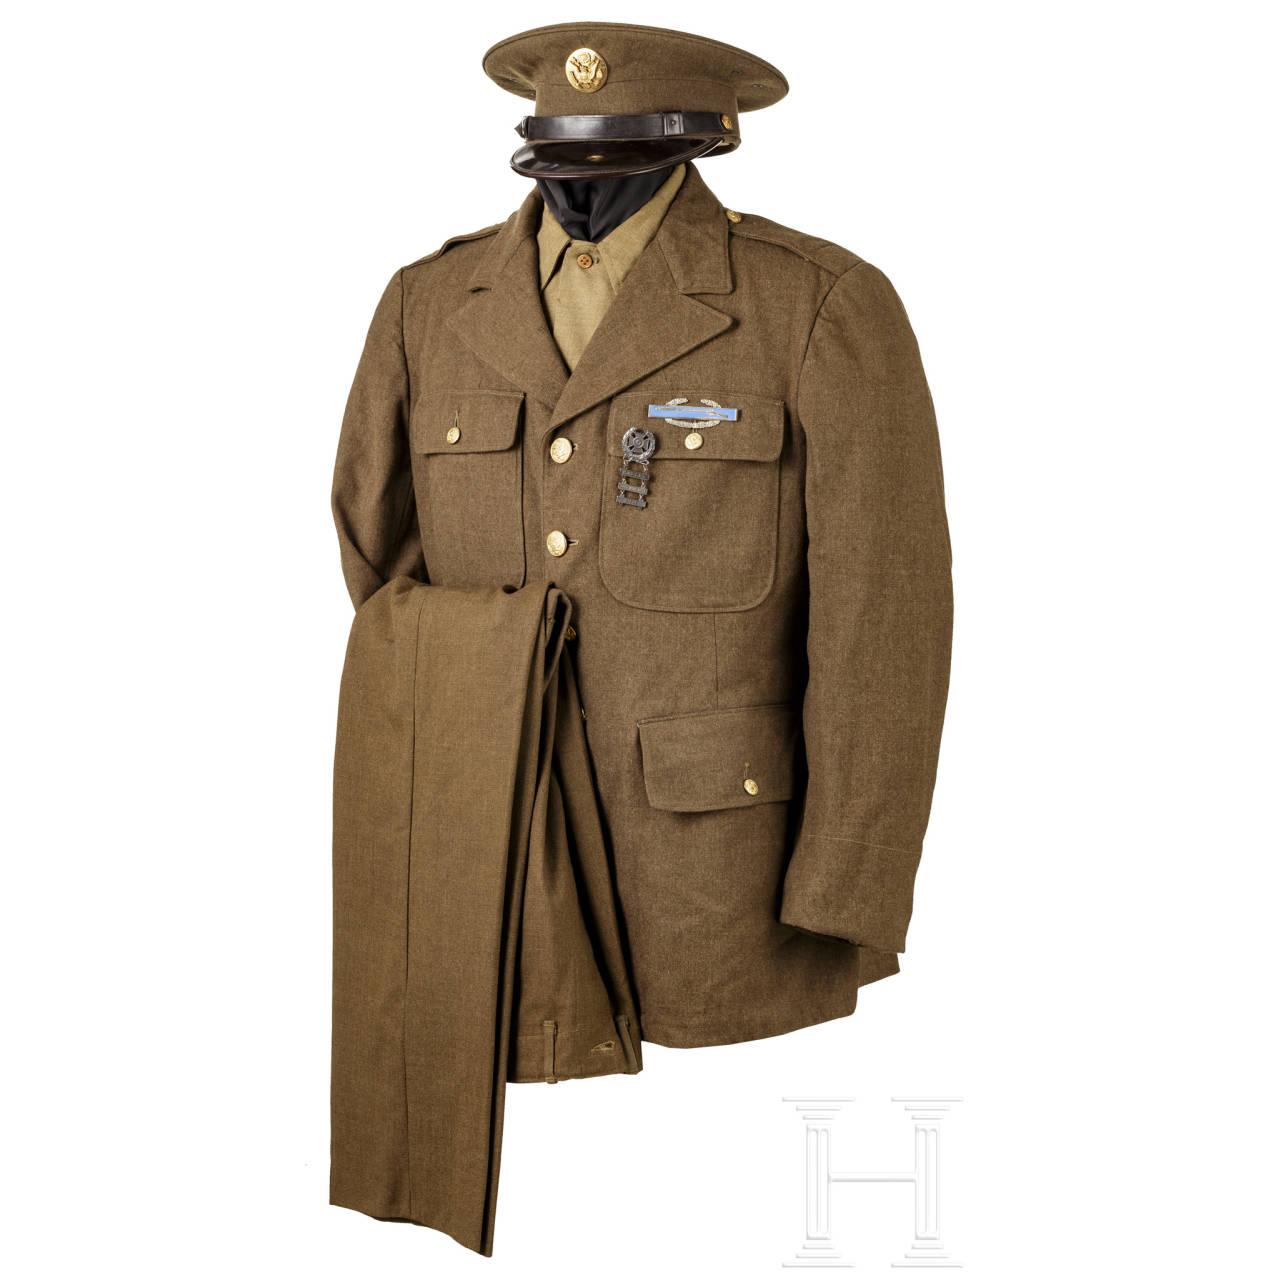 Uniform für Mannschaften der Infanterie (class A), 2. Weltkrieg